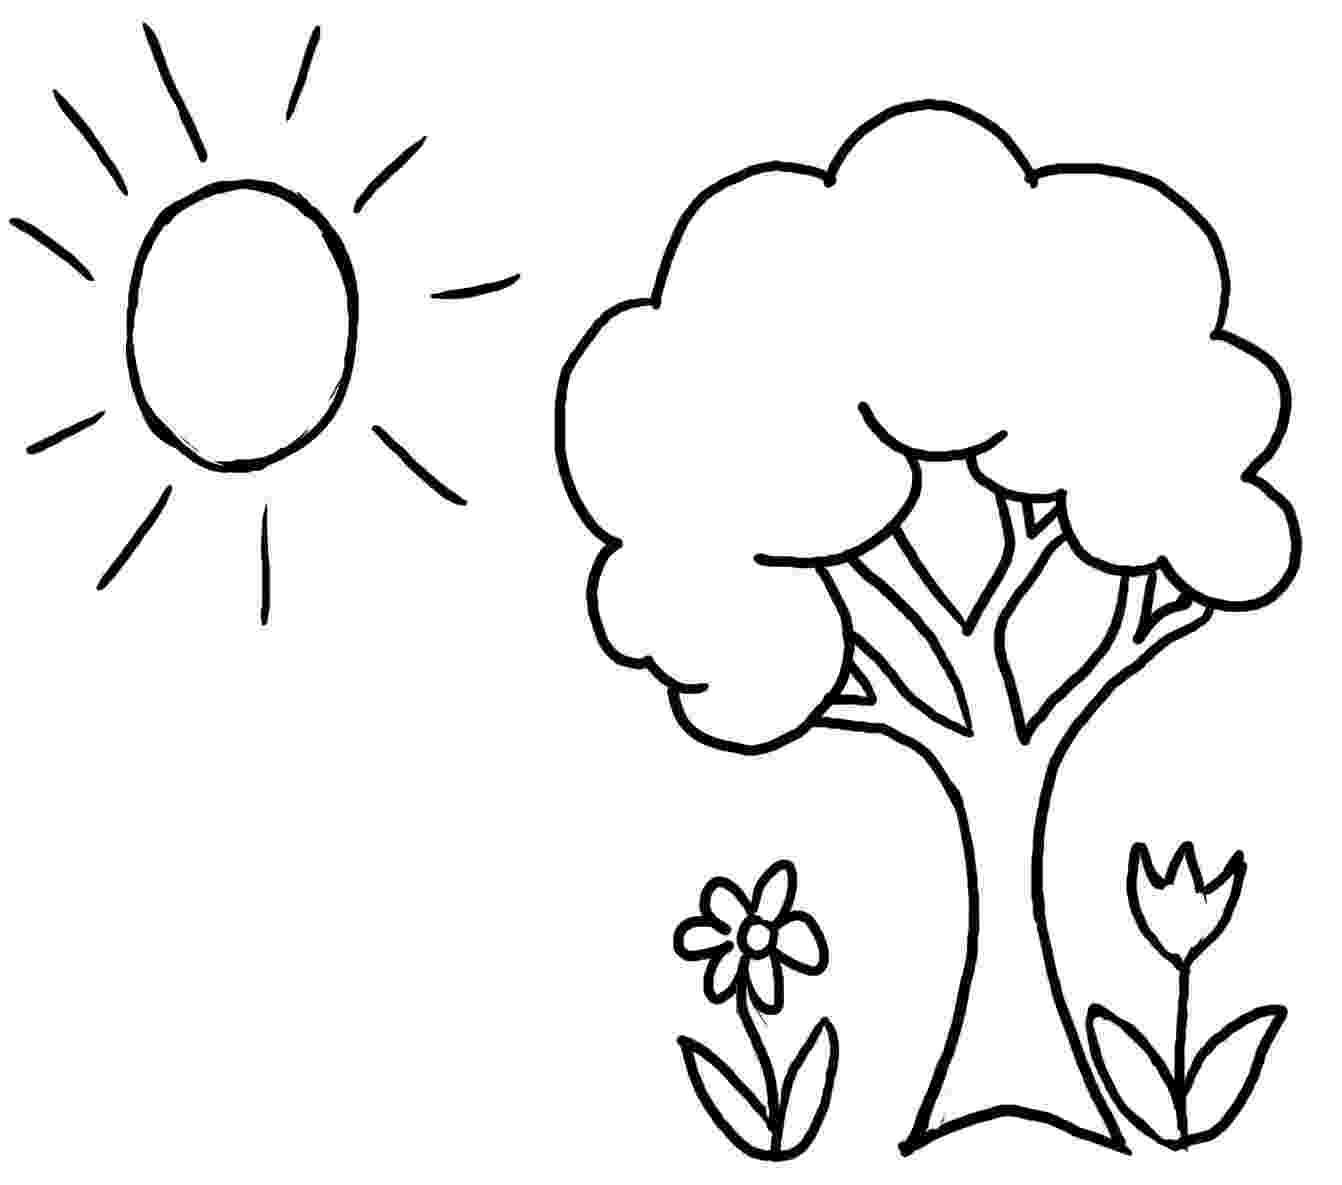 printable tree coloring page christmas tree coloring pages free world pics tree coloring page printable